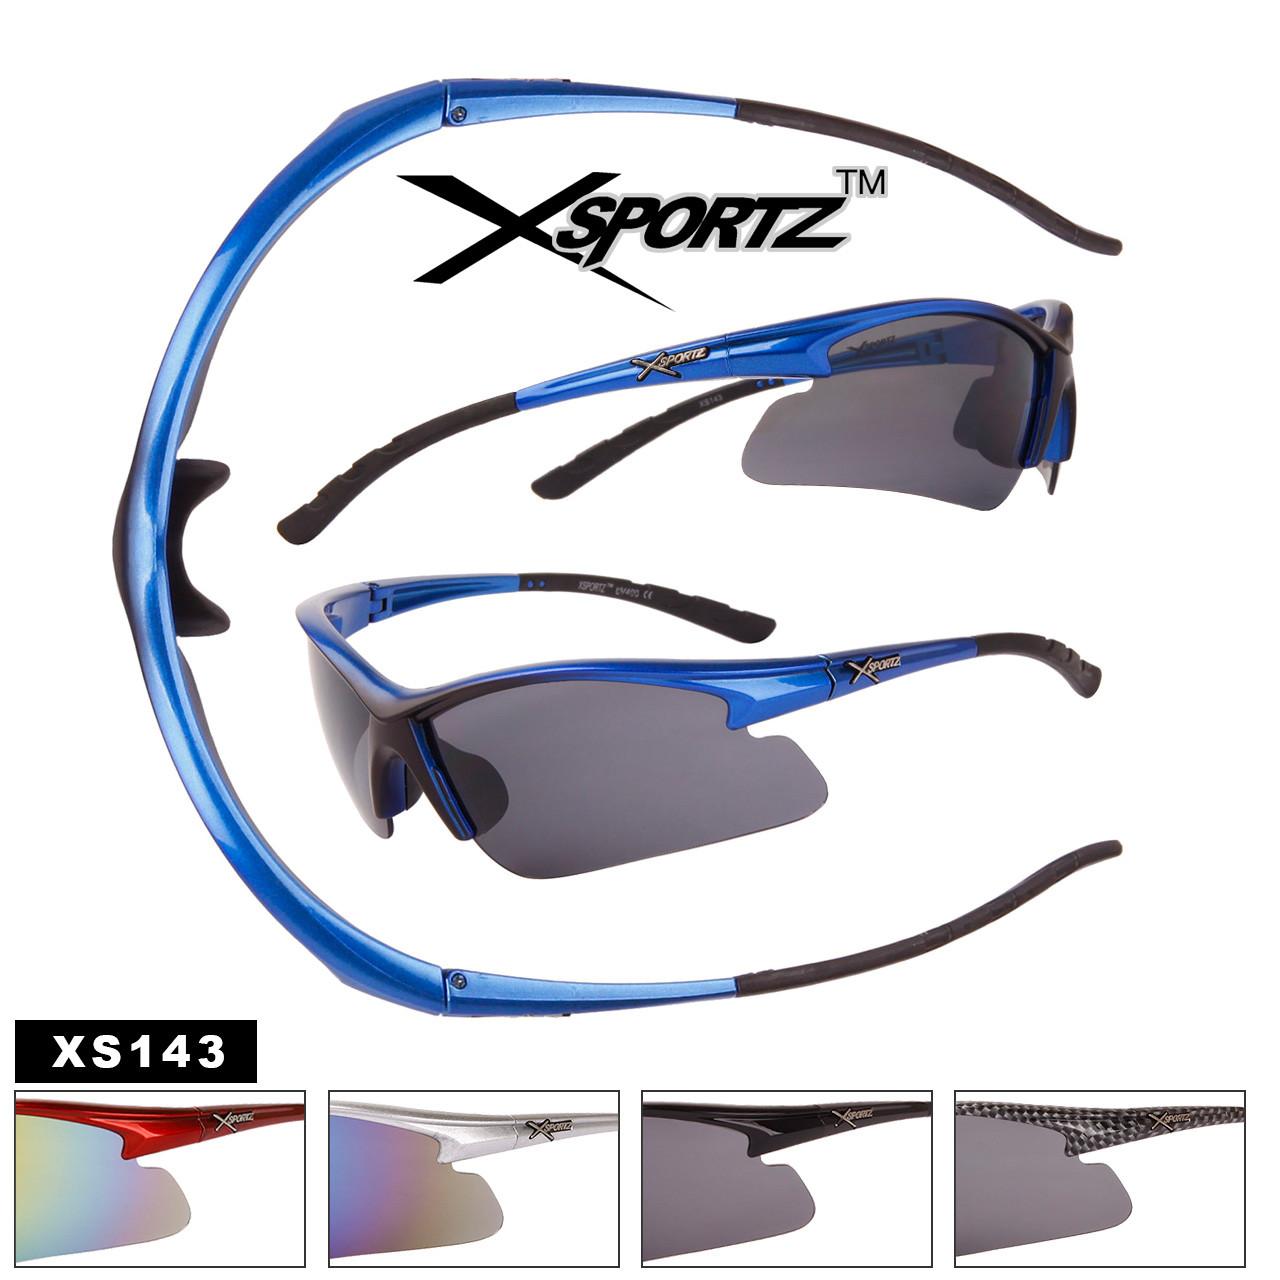 Xsportz™Wholesale Sport Sunglasses - Style #XS143 (Assorted Colors) (12 pcs.)